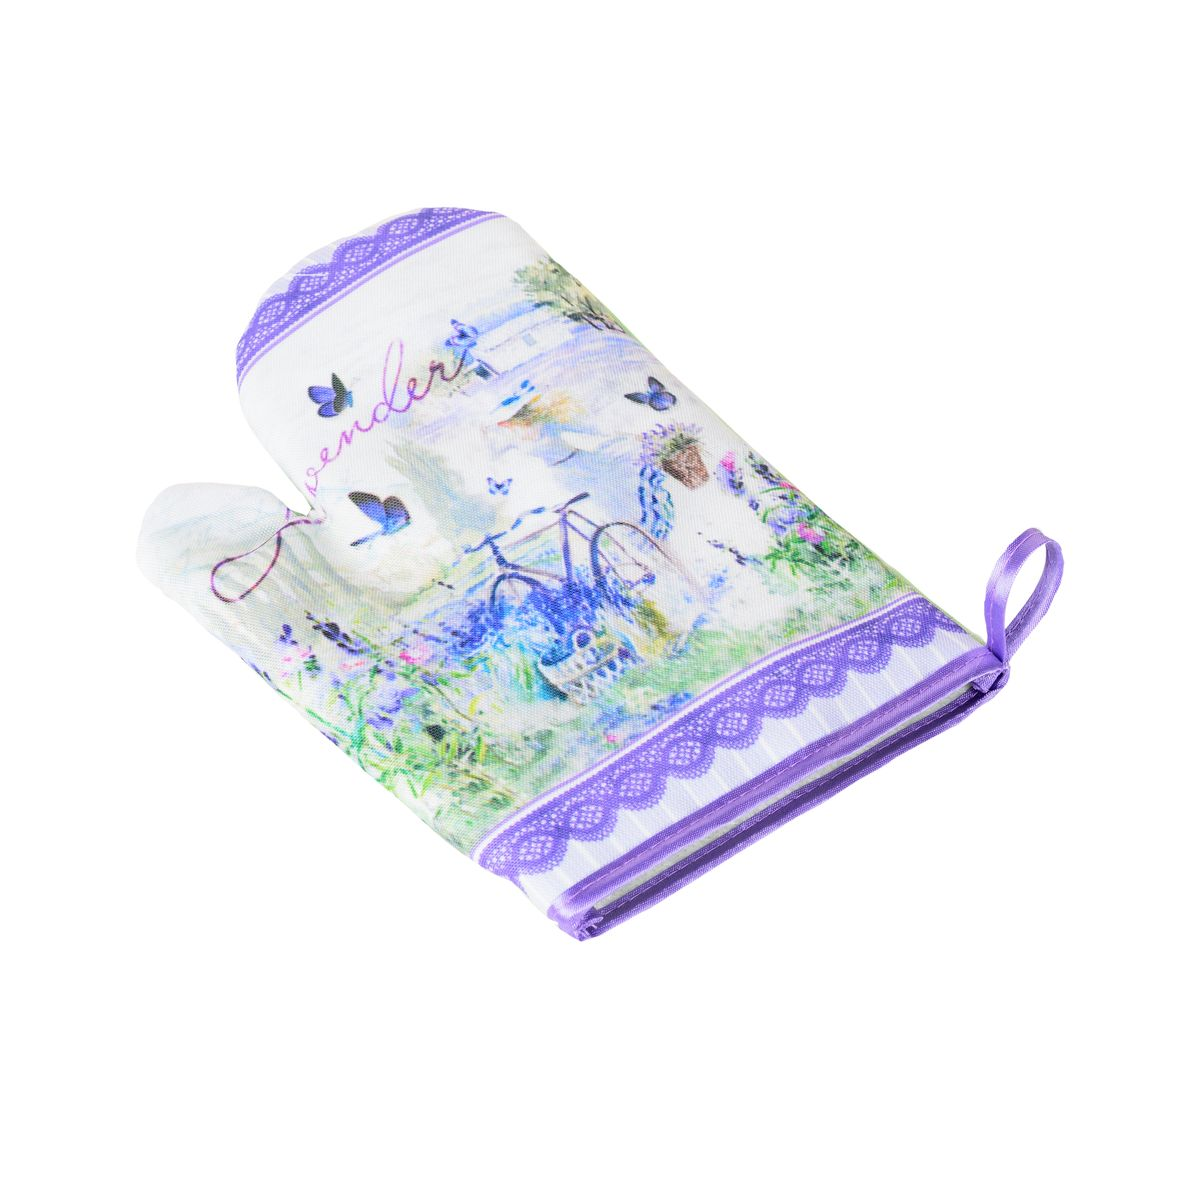 Варежка-прихватка GiftnHome TEX-01 Лаванда, цвет: фиолетовый, 25 х 17 смTEX-01 ЛавандаВарежка-прихватка GiftnHome TEX-01 Лаванда - незаменимый помощник на любой кухне. Варежка выполнена из качественного текстиля и оформлена красивым рисунком. Варежка мягкая, удобная и практичная. С ее помощью можно доставатьгорячие противни из духовки, она защитит ваши руки и предотвратит появление ожогов. Красочный дизайнпозволит красиво дополнить интерьер кухни. С помощью петельки варежку можно подвесить на крючок.